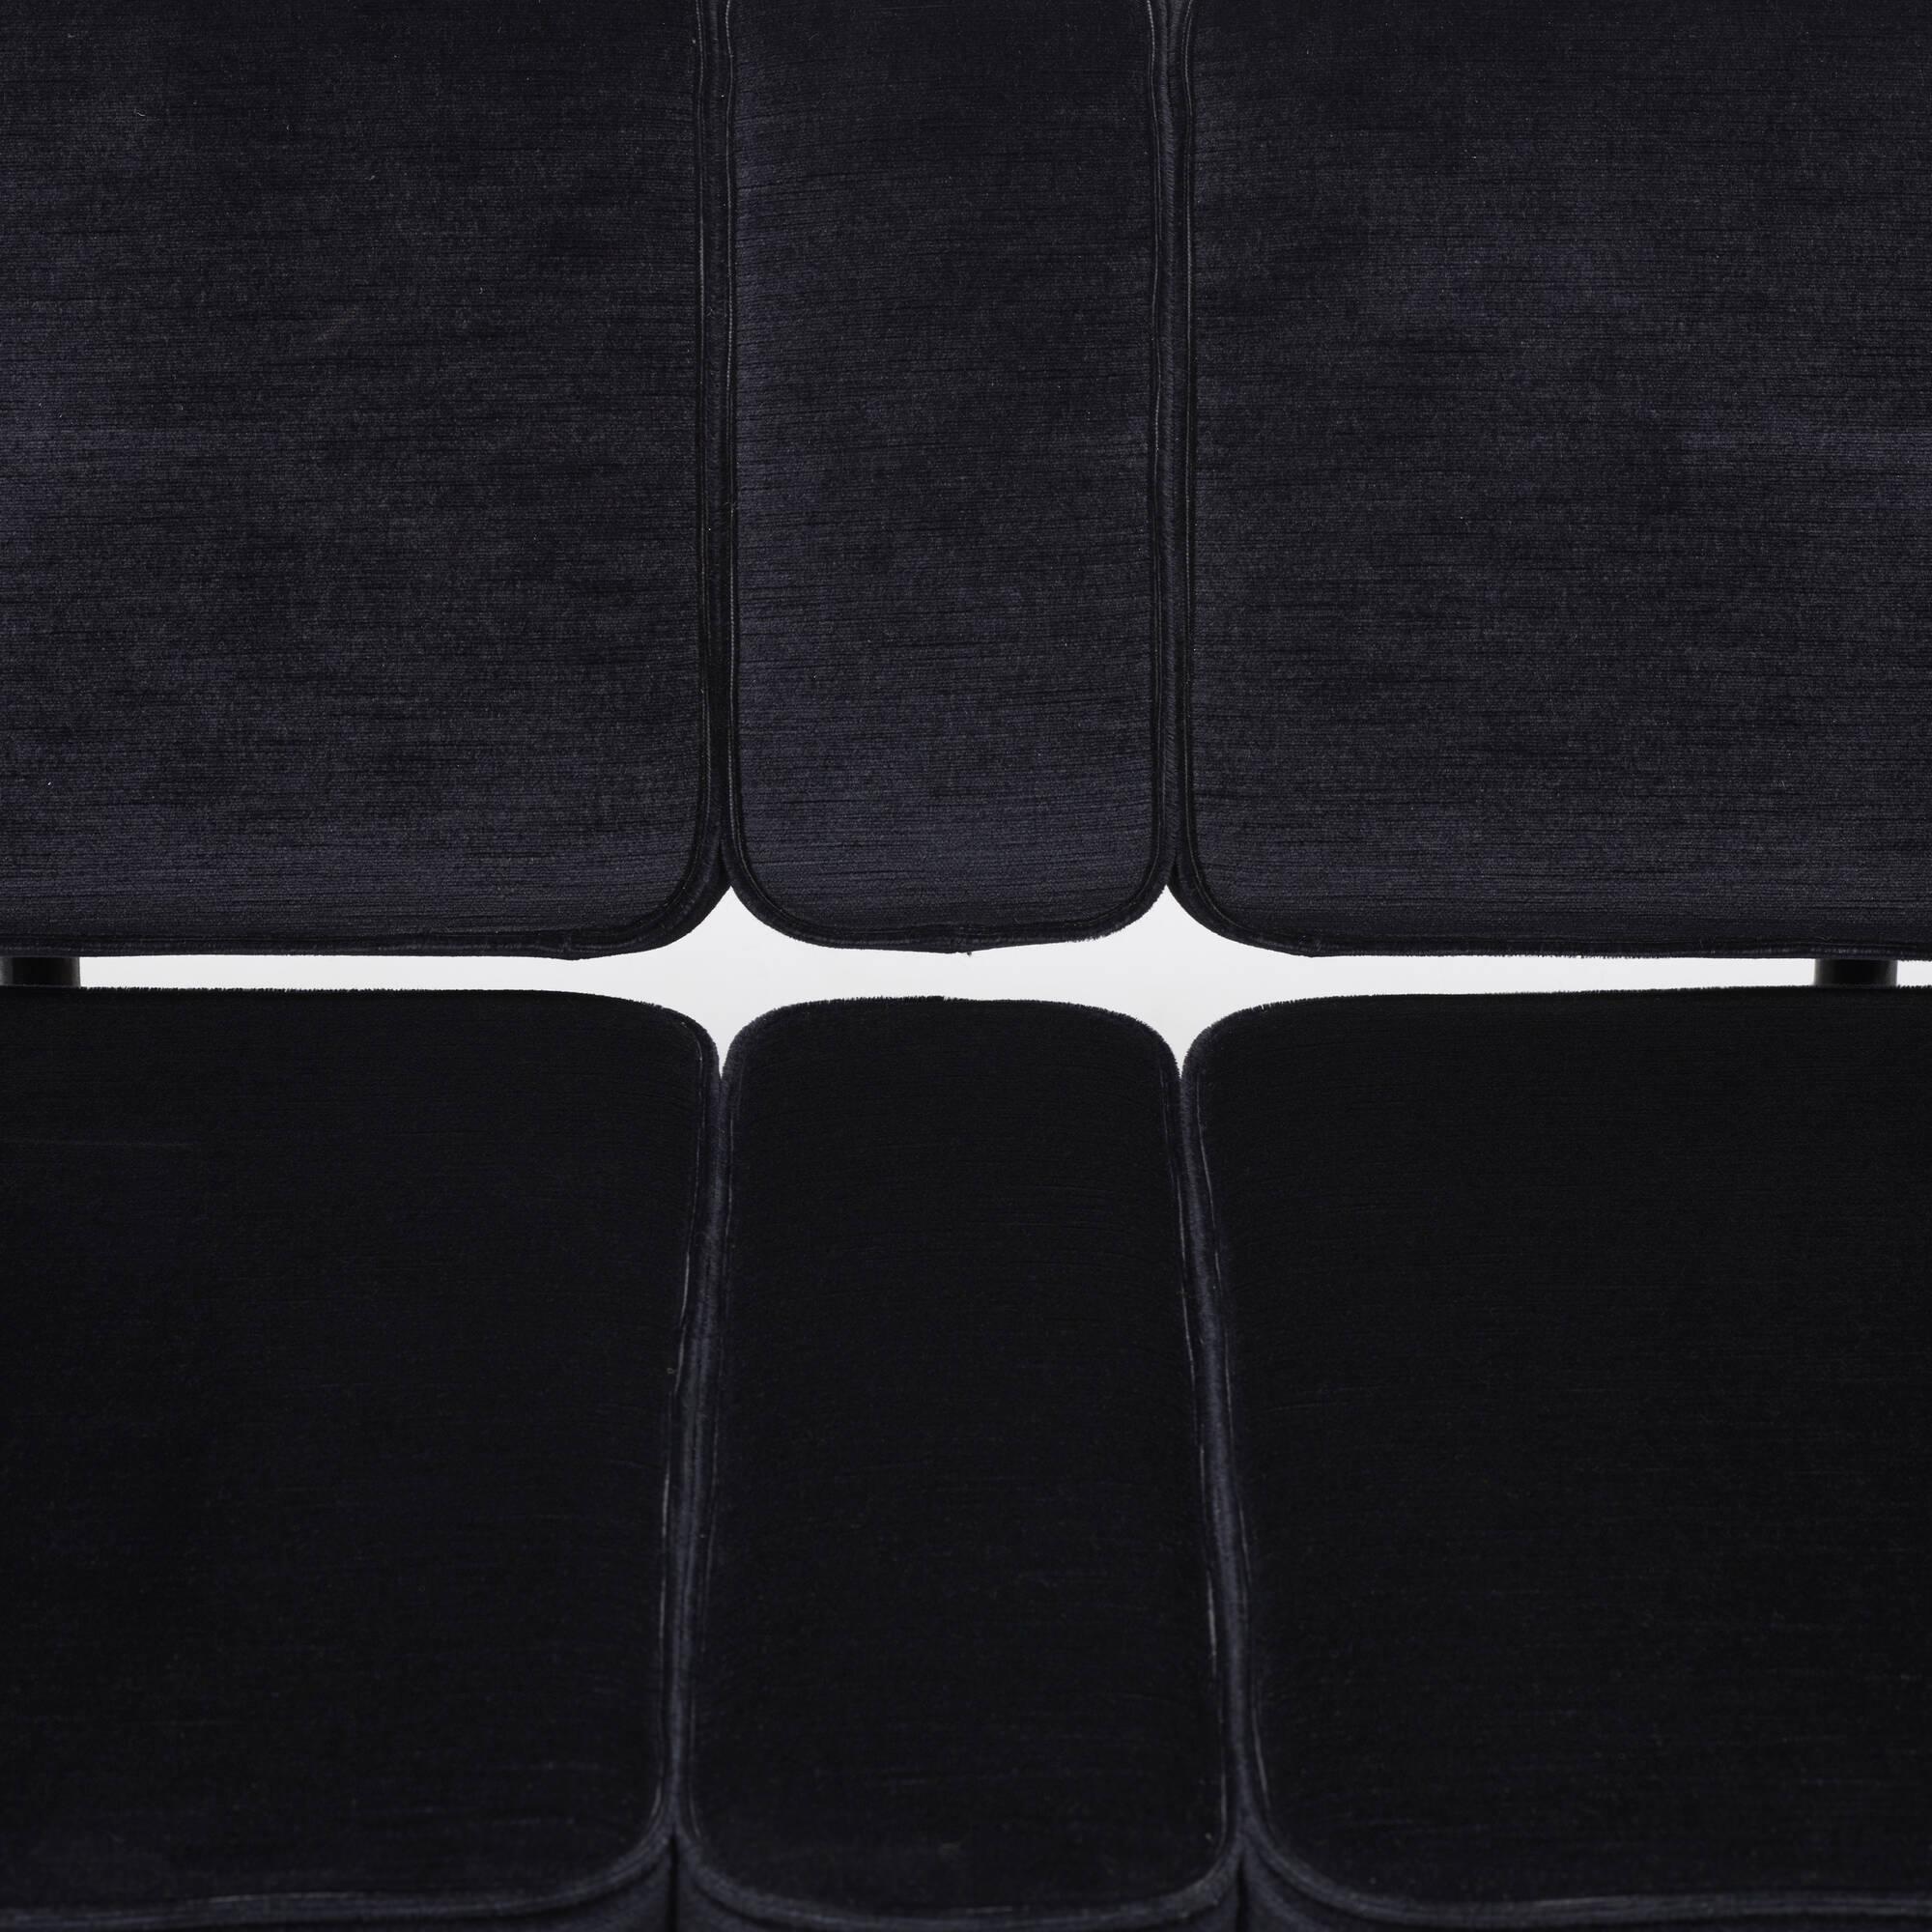 265: Atelier Van Lieshout / Bad Club Sofa (5 of 5)